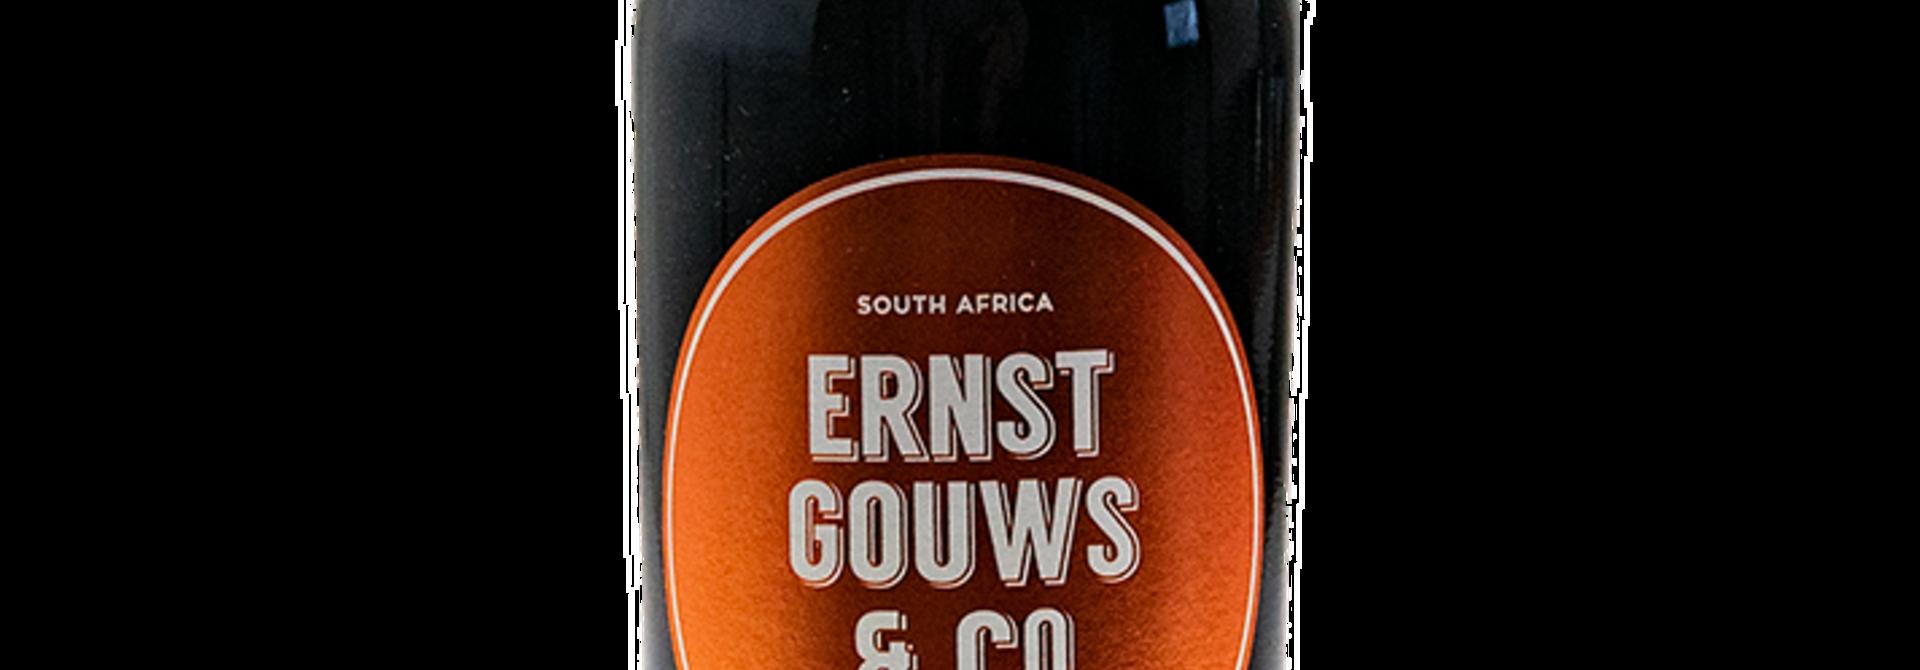 Ernst Gouws & Co Merlot 2019